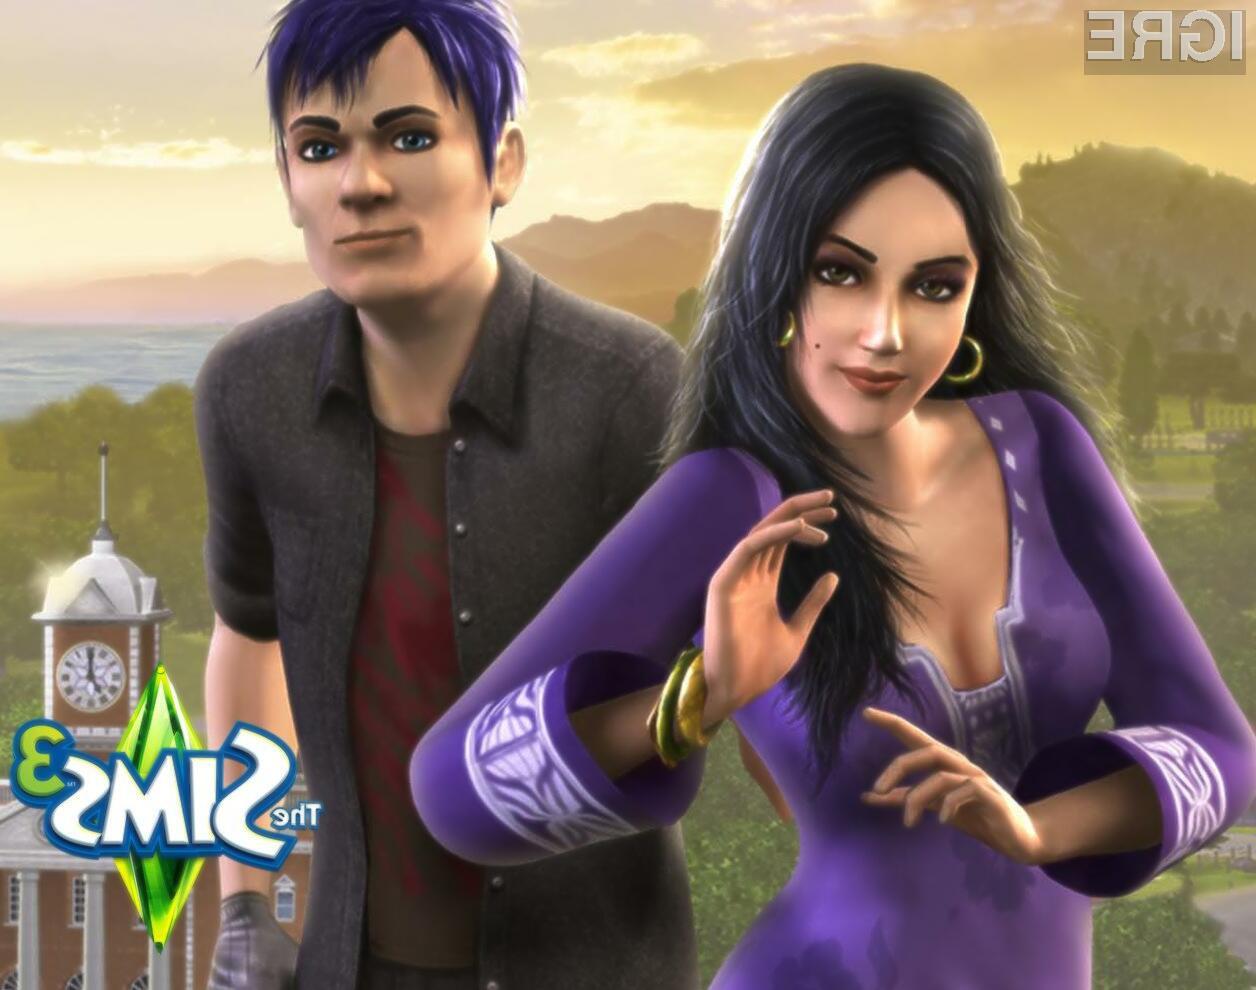 Računalniška igra The Sims 3 preprosto navdušuje!